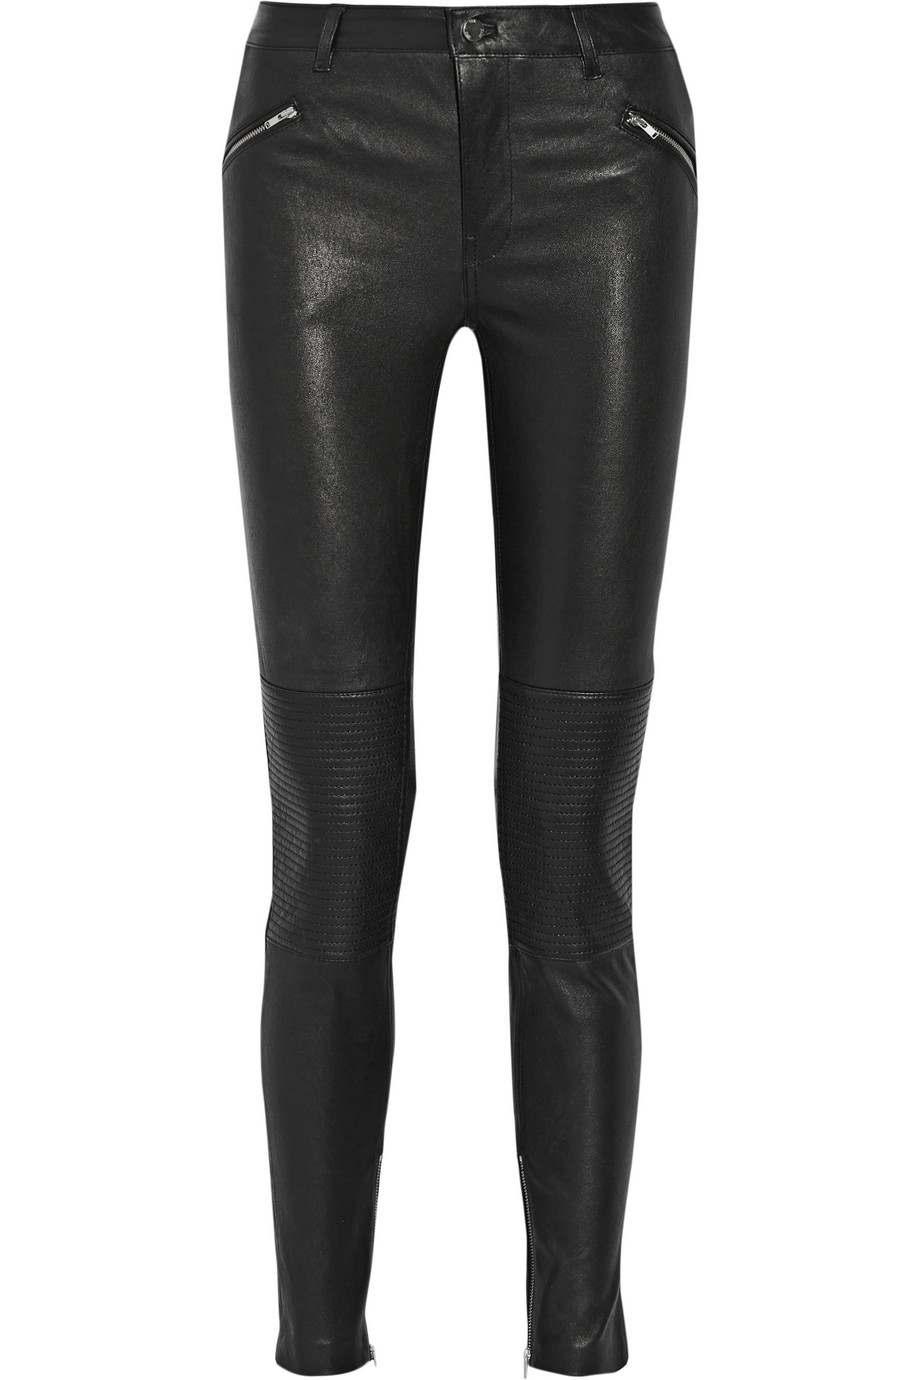 BLK DNM - Pantalon(795 €)